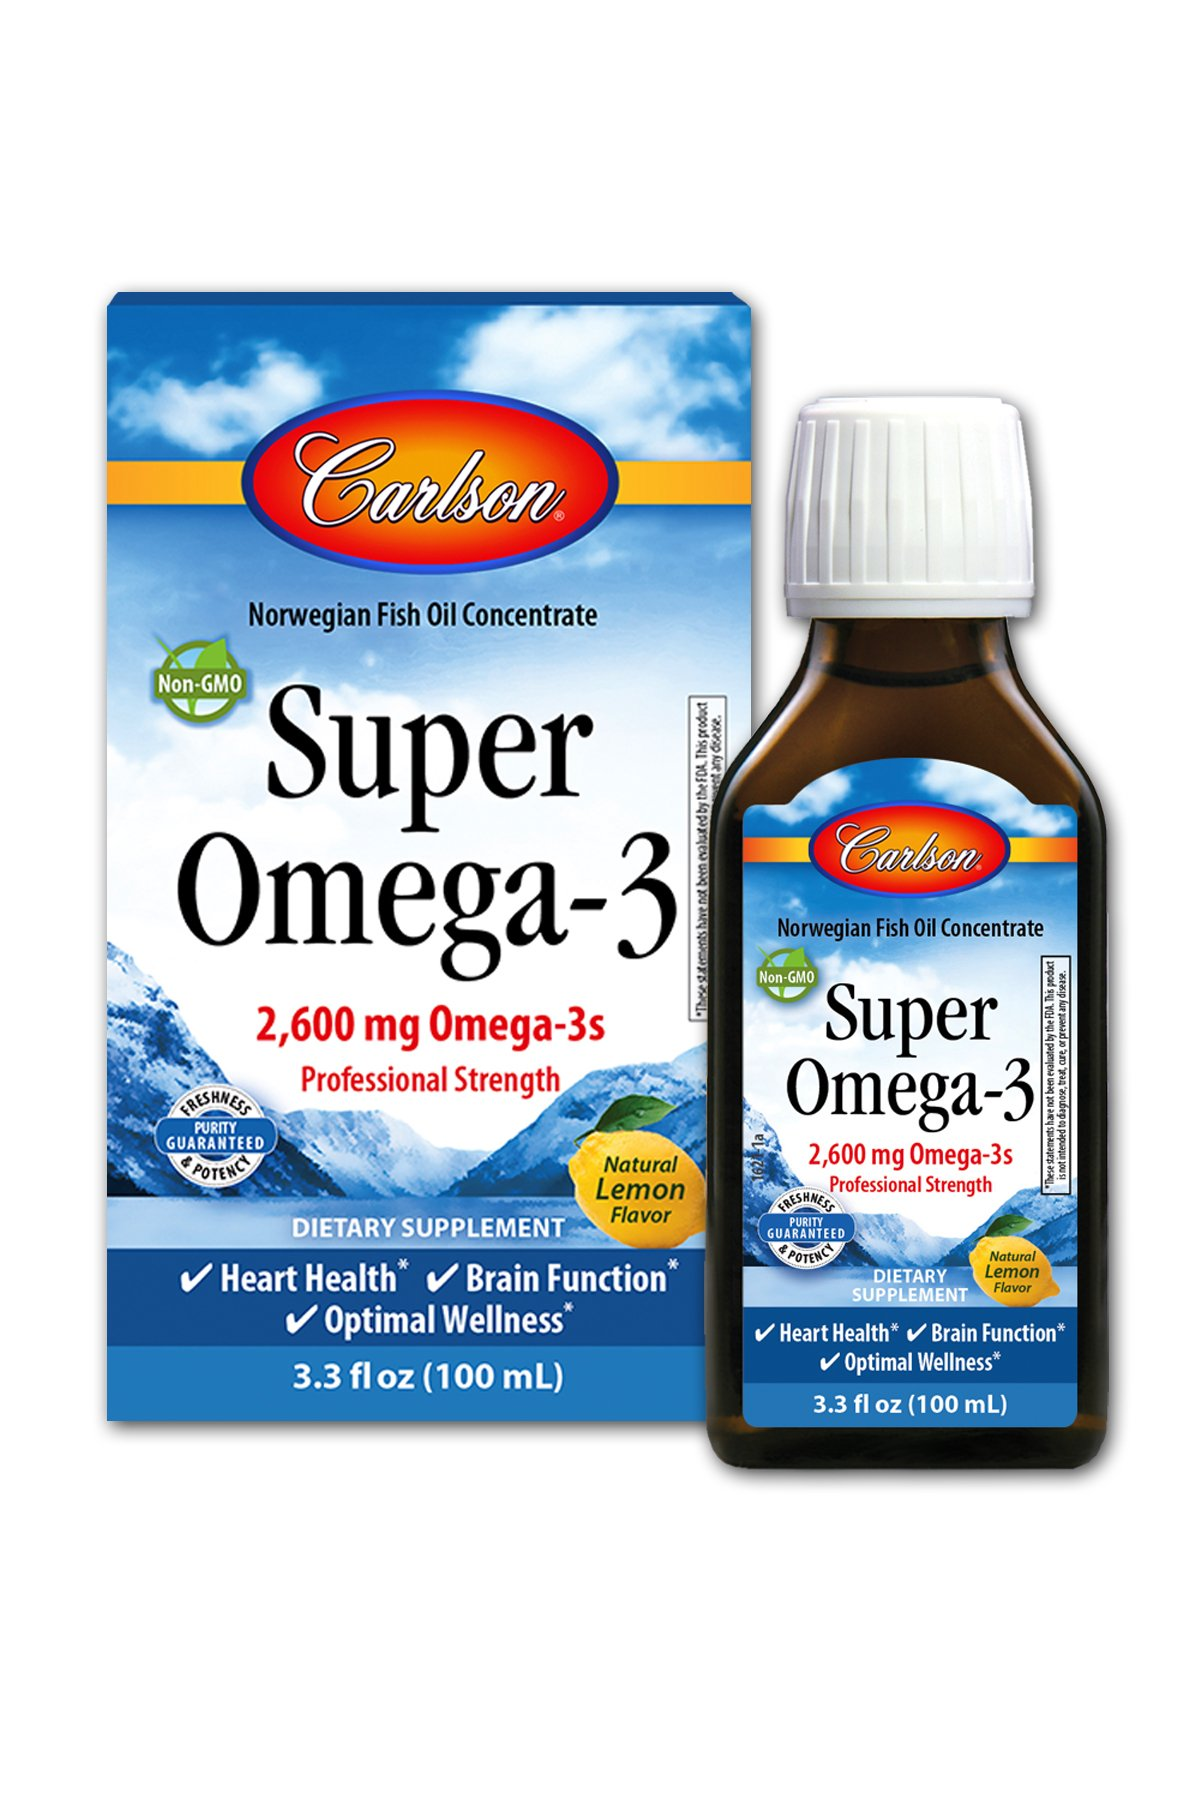 Super Omega-3, 2,600 mg Omega-3s, Professional Strength, Lemon, 100 mL